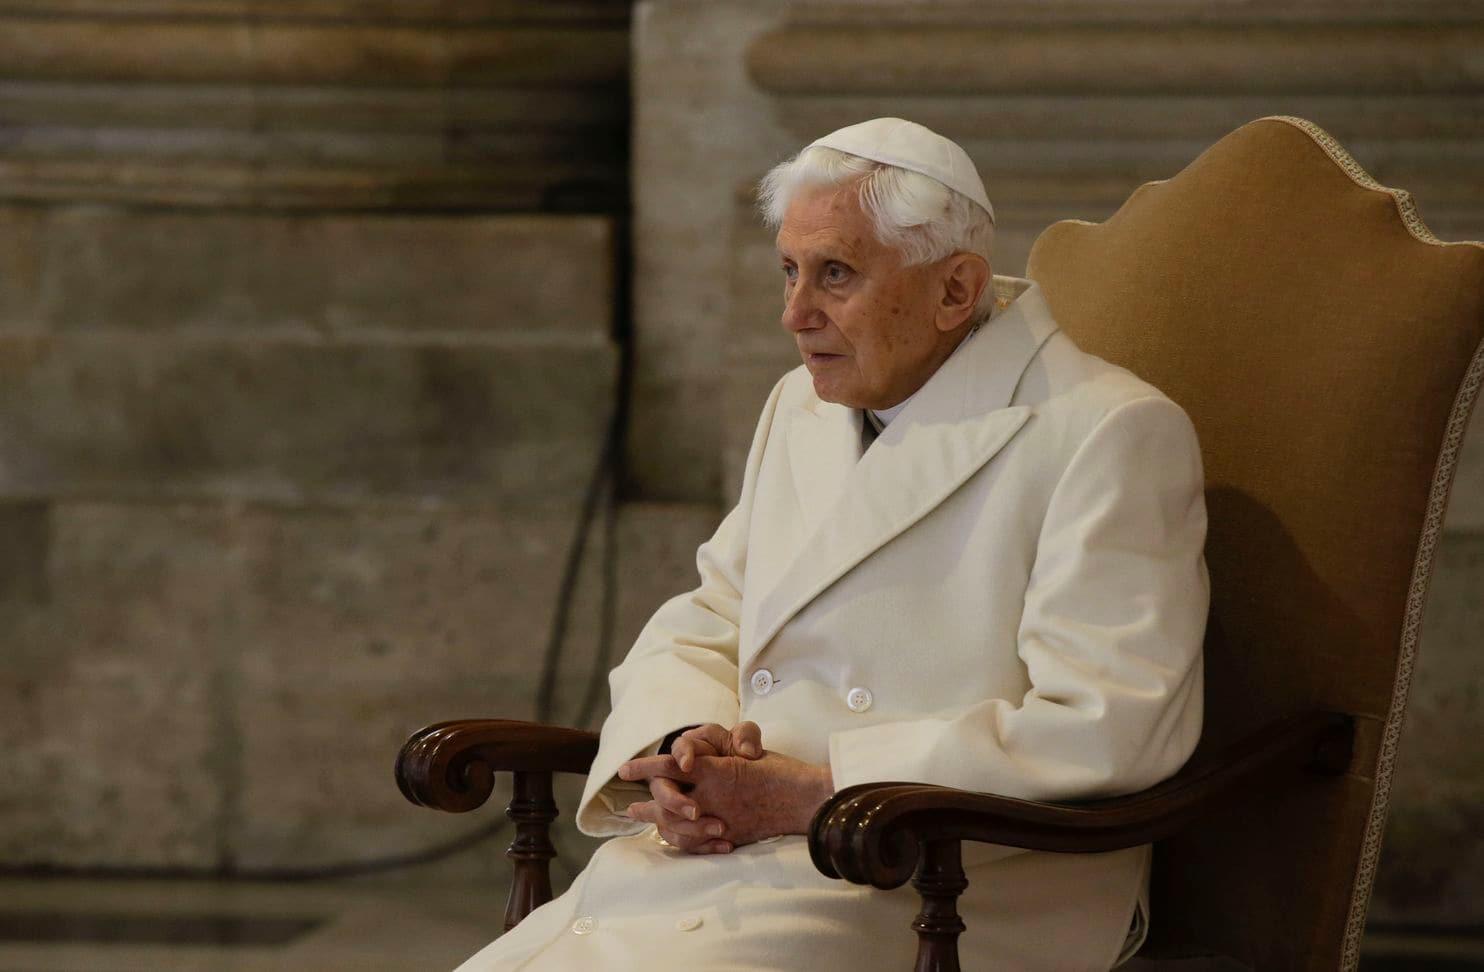 Бывший Папа Бенедикт XVI назвал сексуальную революцию причиной скандалов...